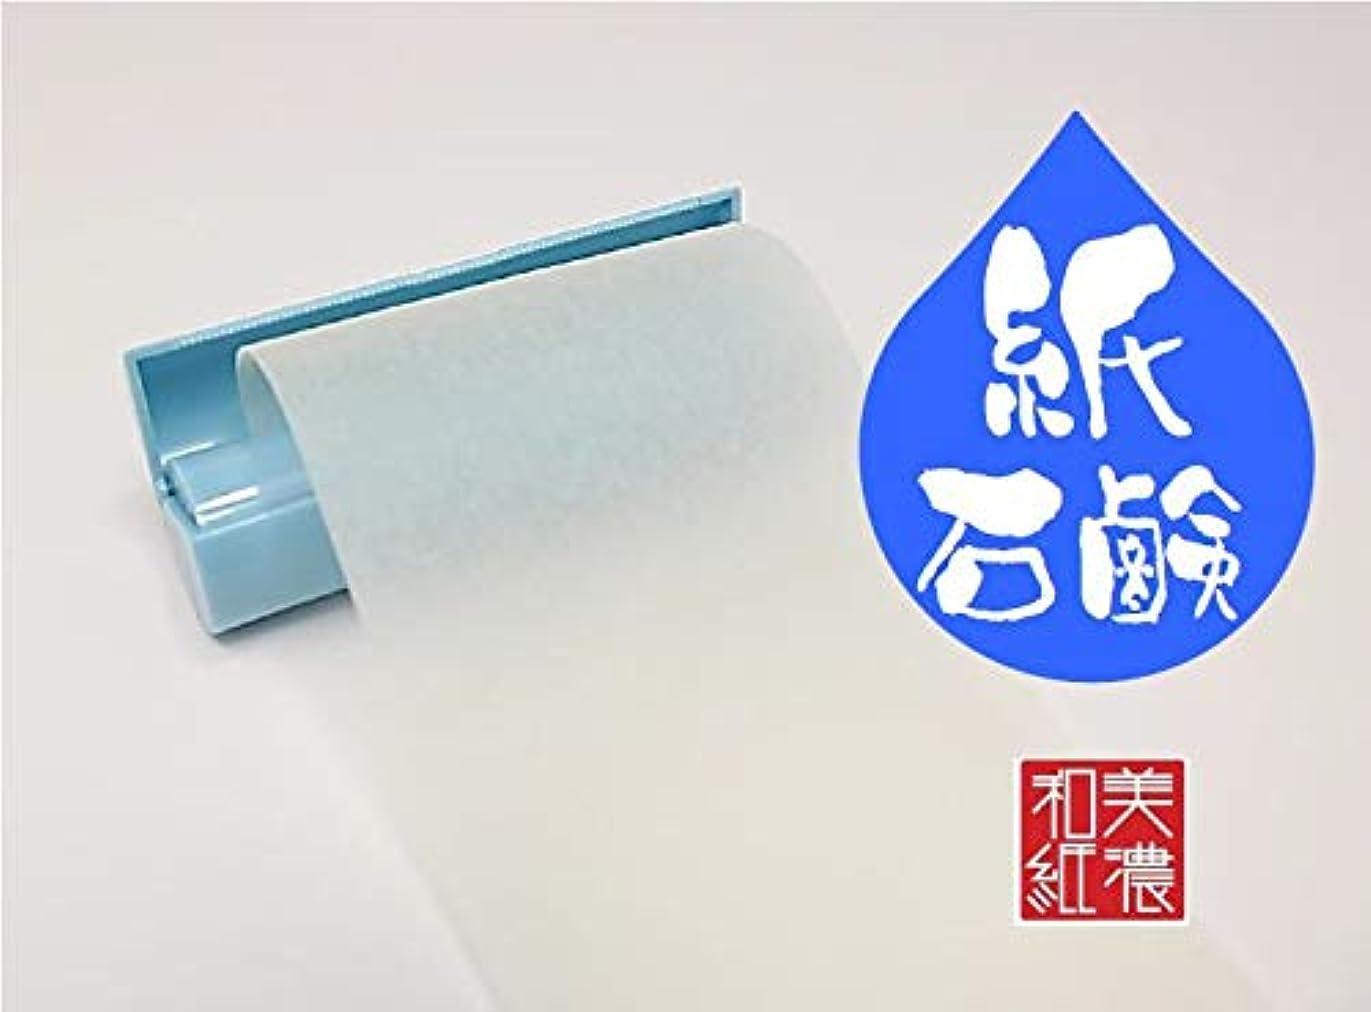 持ち運びに便利!手のひらサイズのフリーカット紙石鹸